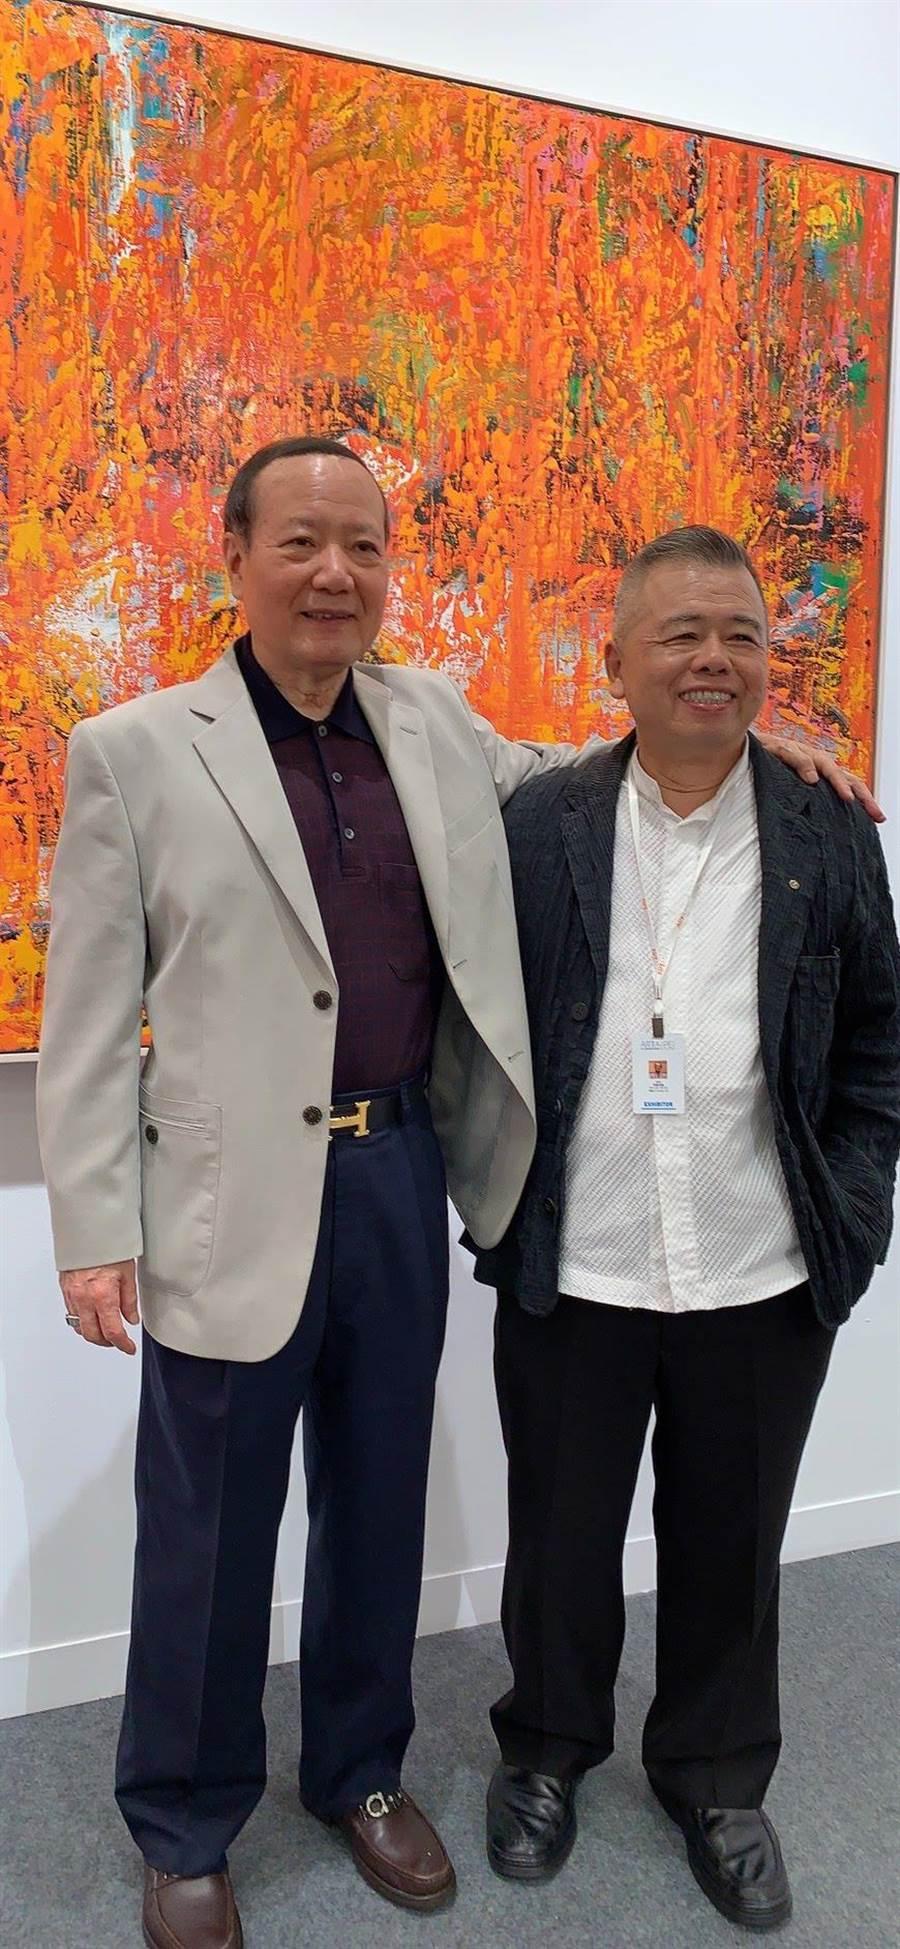 成為專職藝術創作家的謝義錩老師(右一)也受邀參與展出個展。(台北世貿中心提供/游念育台北傳真)